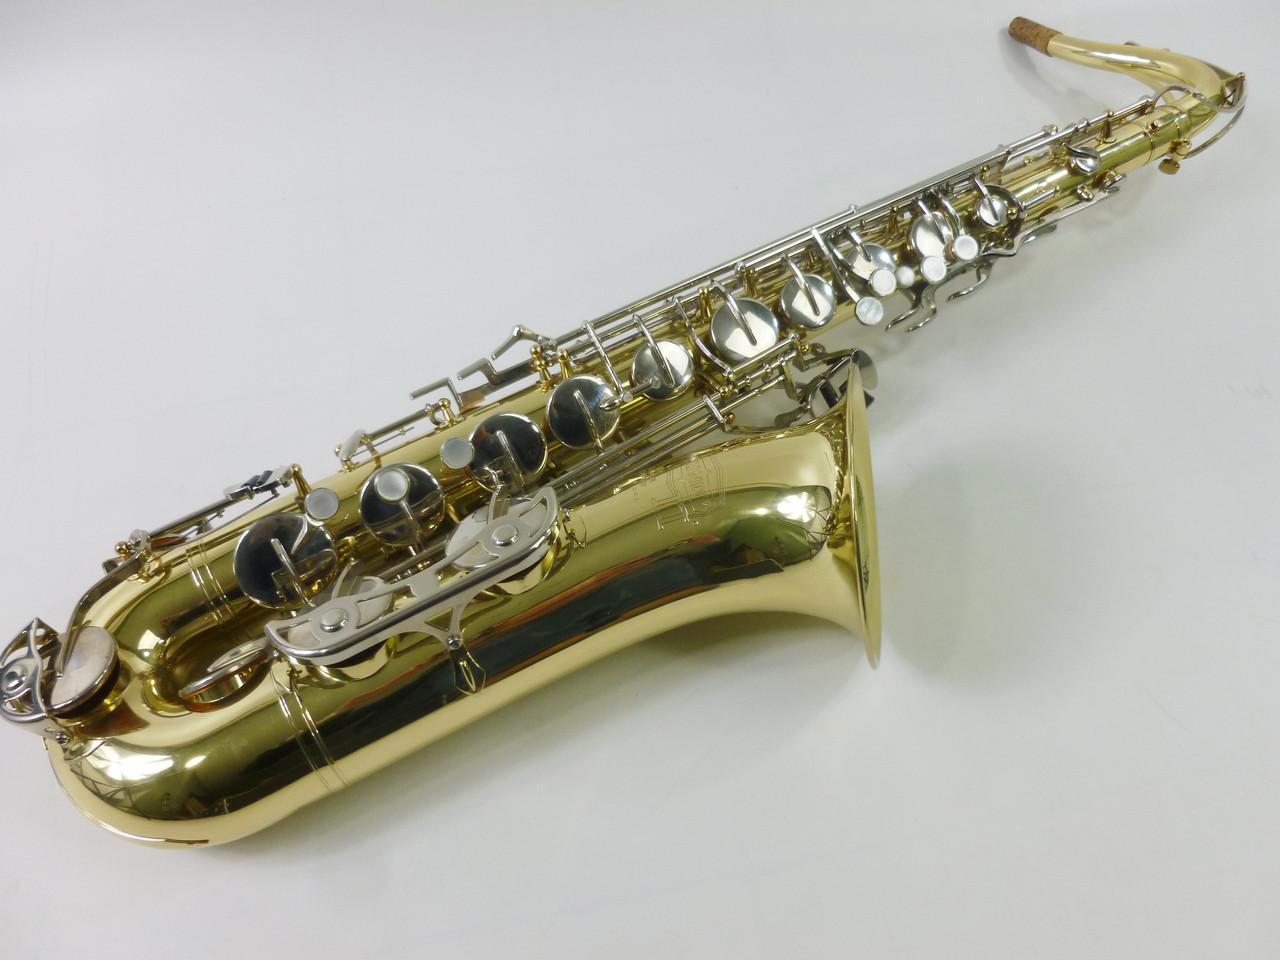 Selmer Bundy II Tenor Saxophone - Refurbished 1